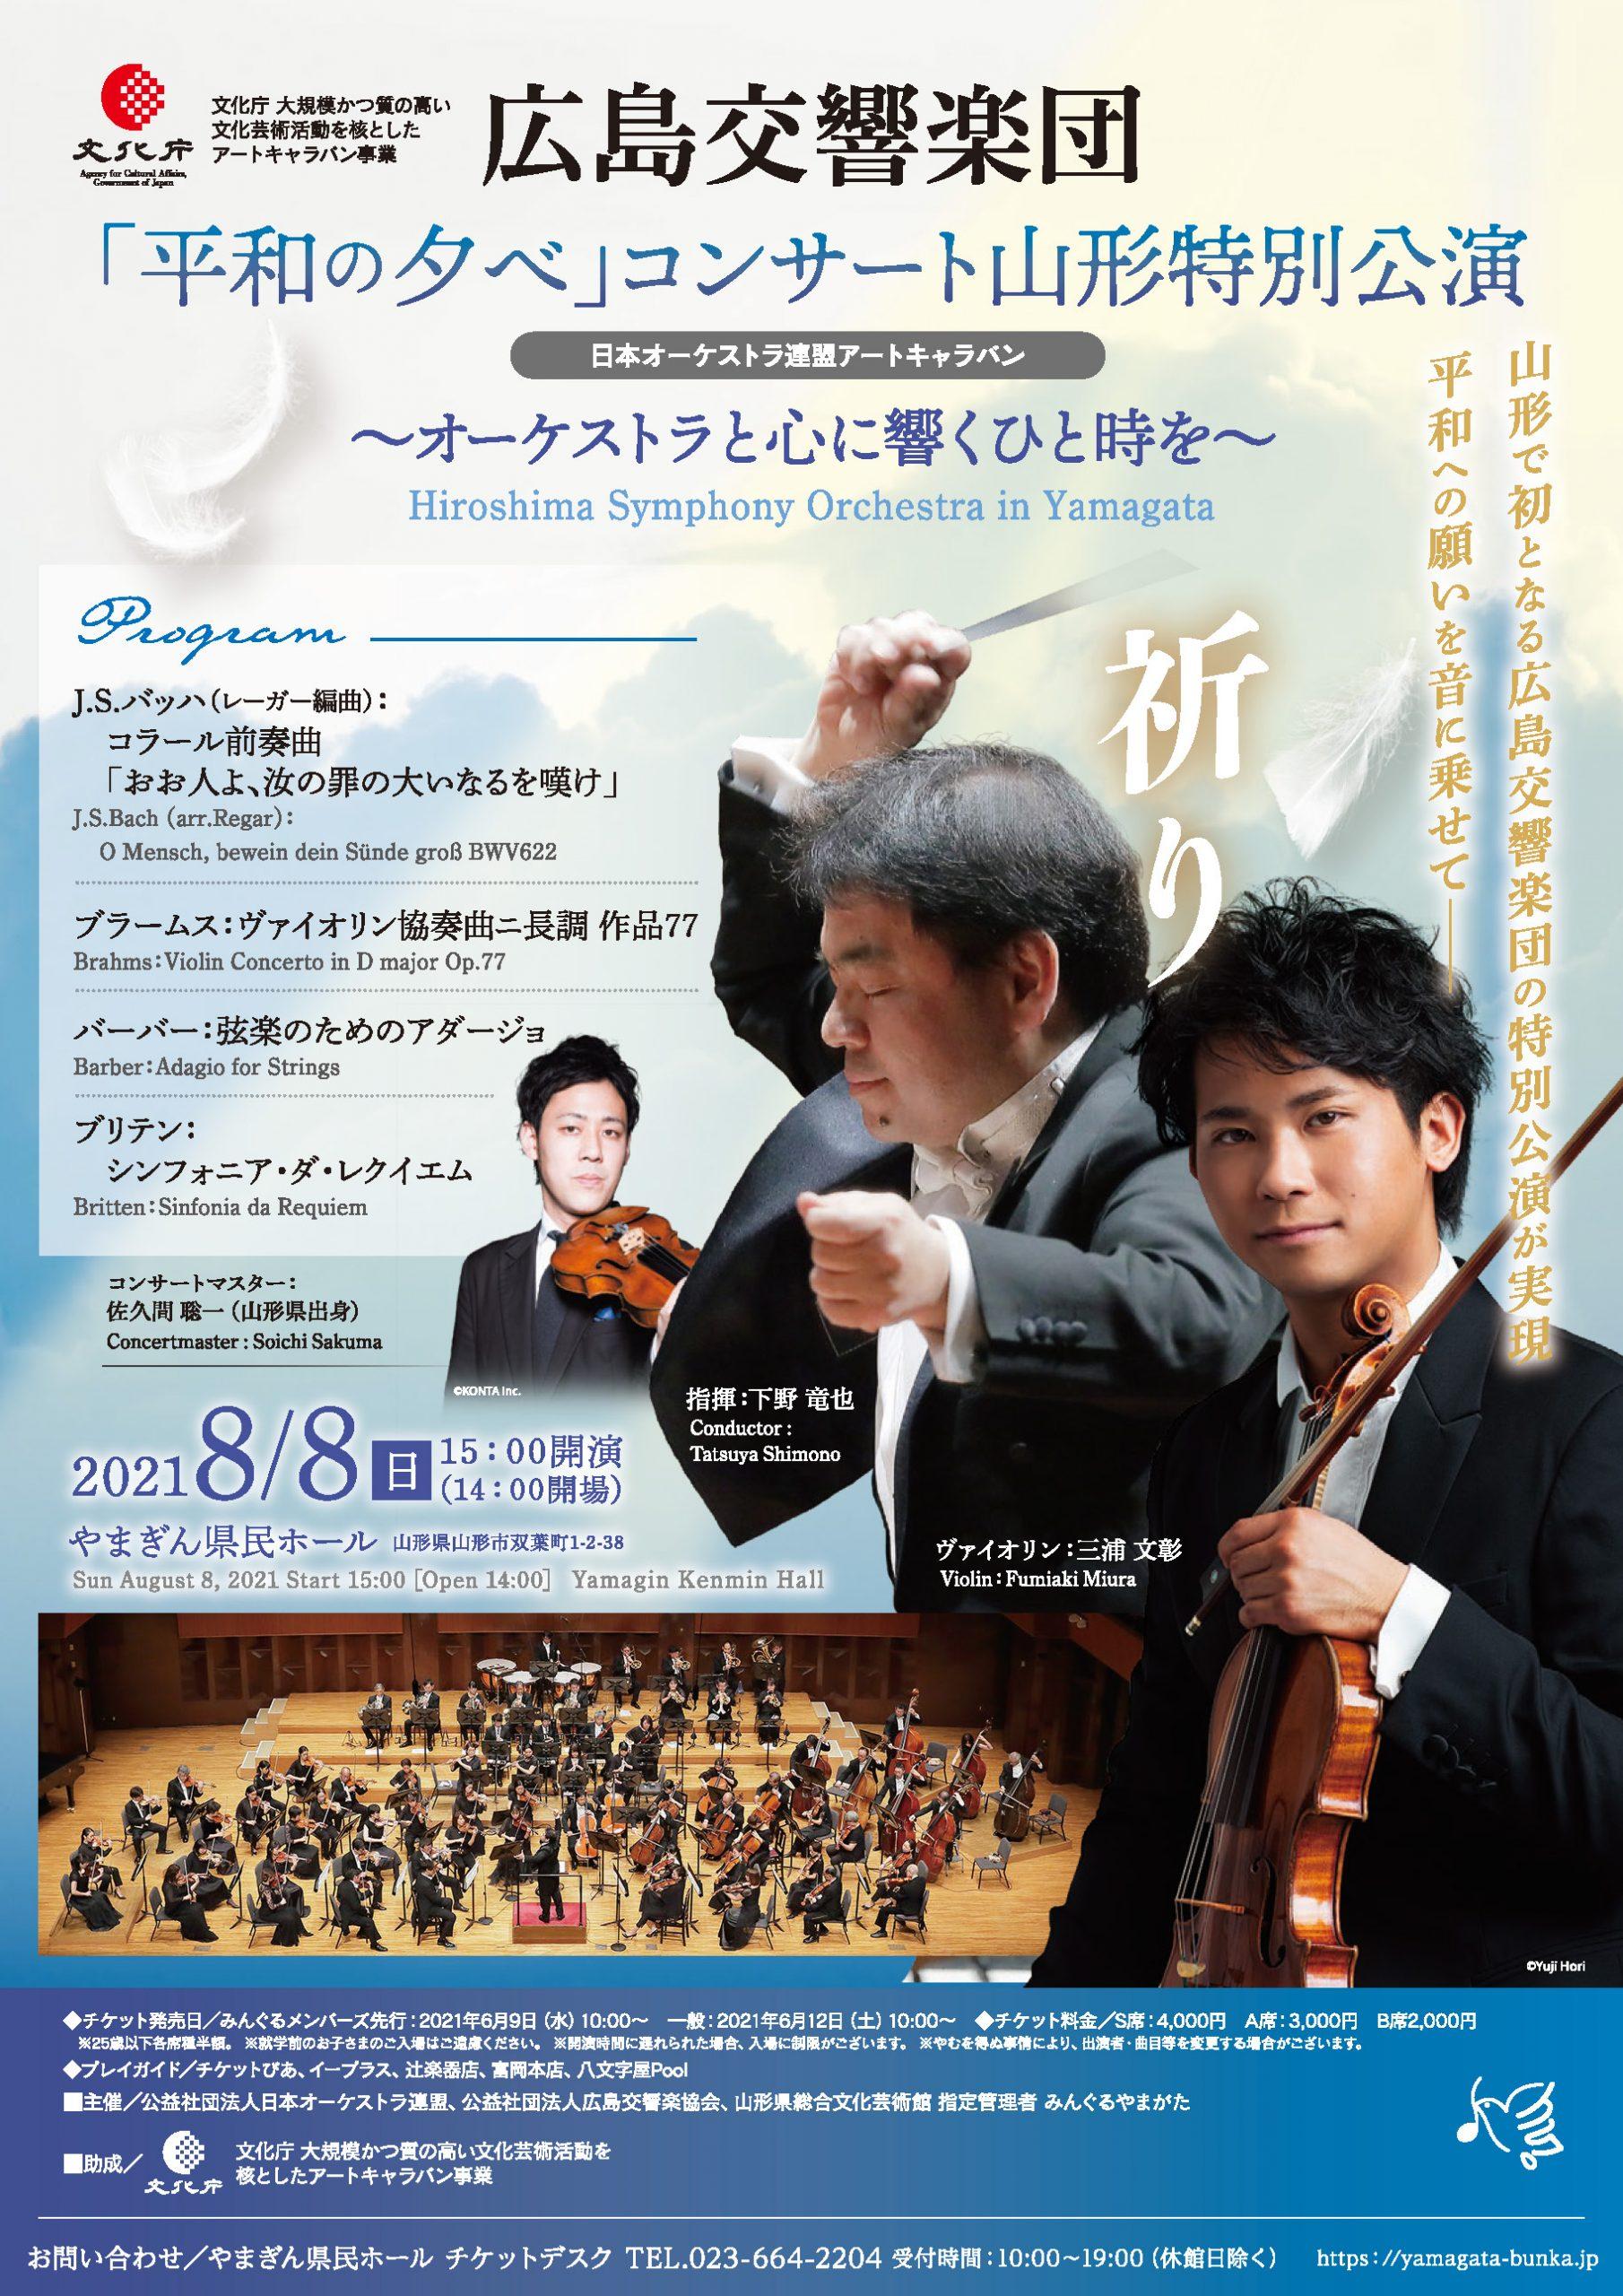 「平和の夕べ」コンサート山形特別公演